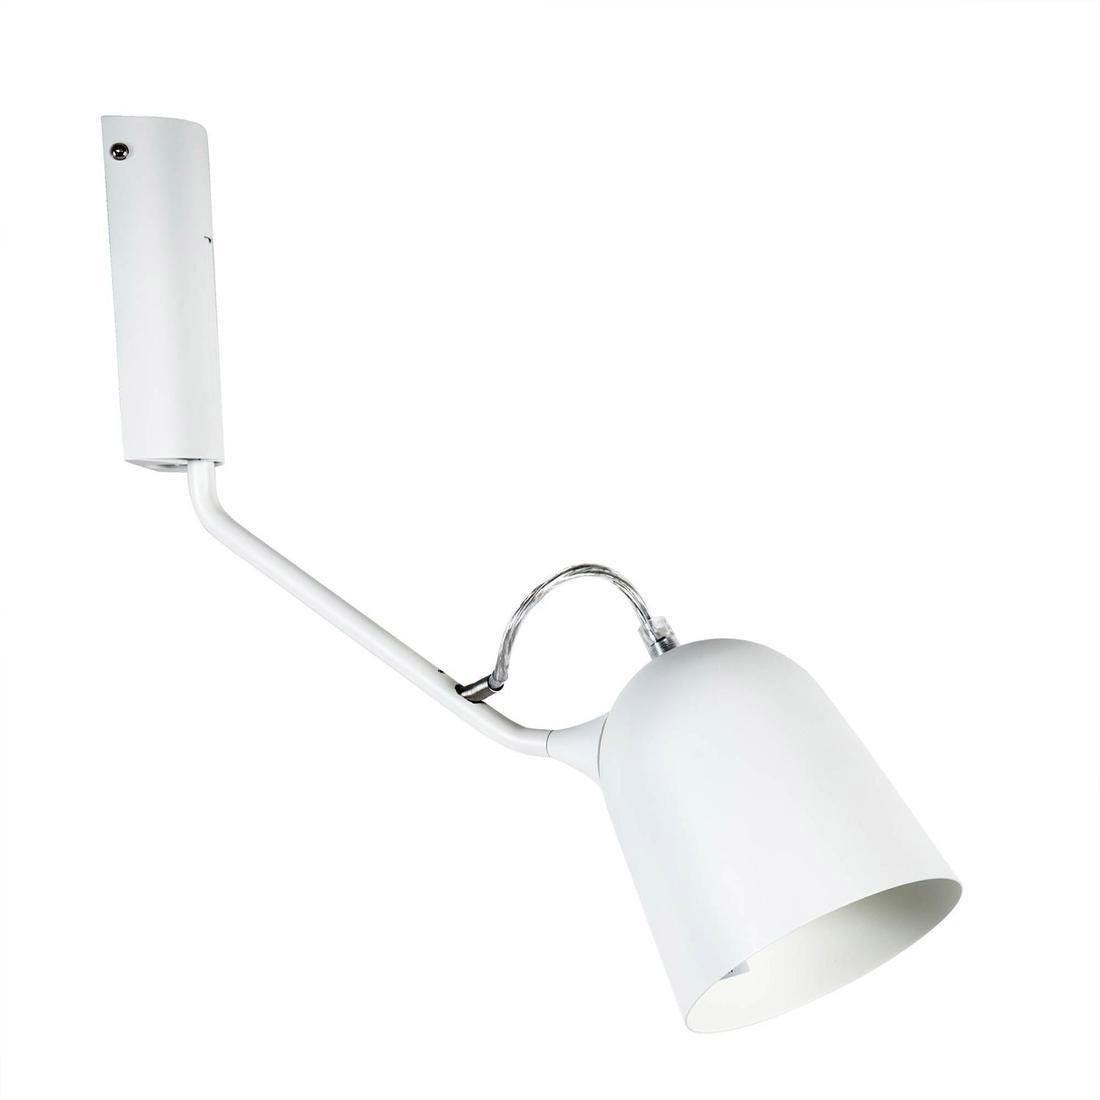 Applique, design métal blanc LO EDITIONS Magnétic orientable l37cm